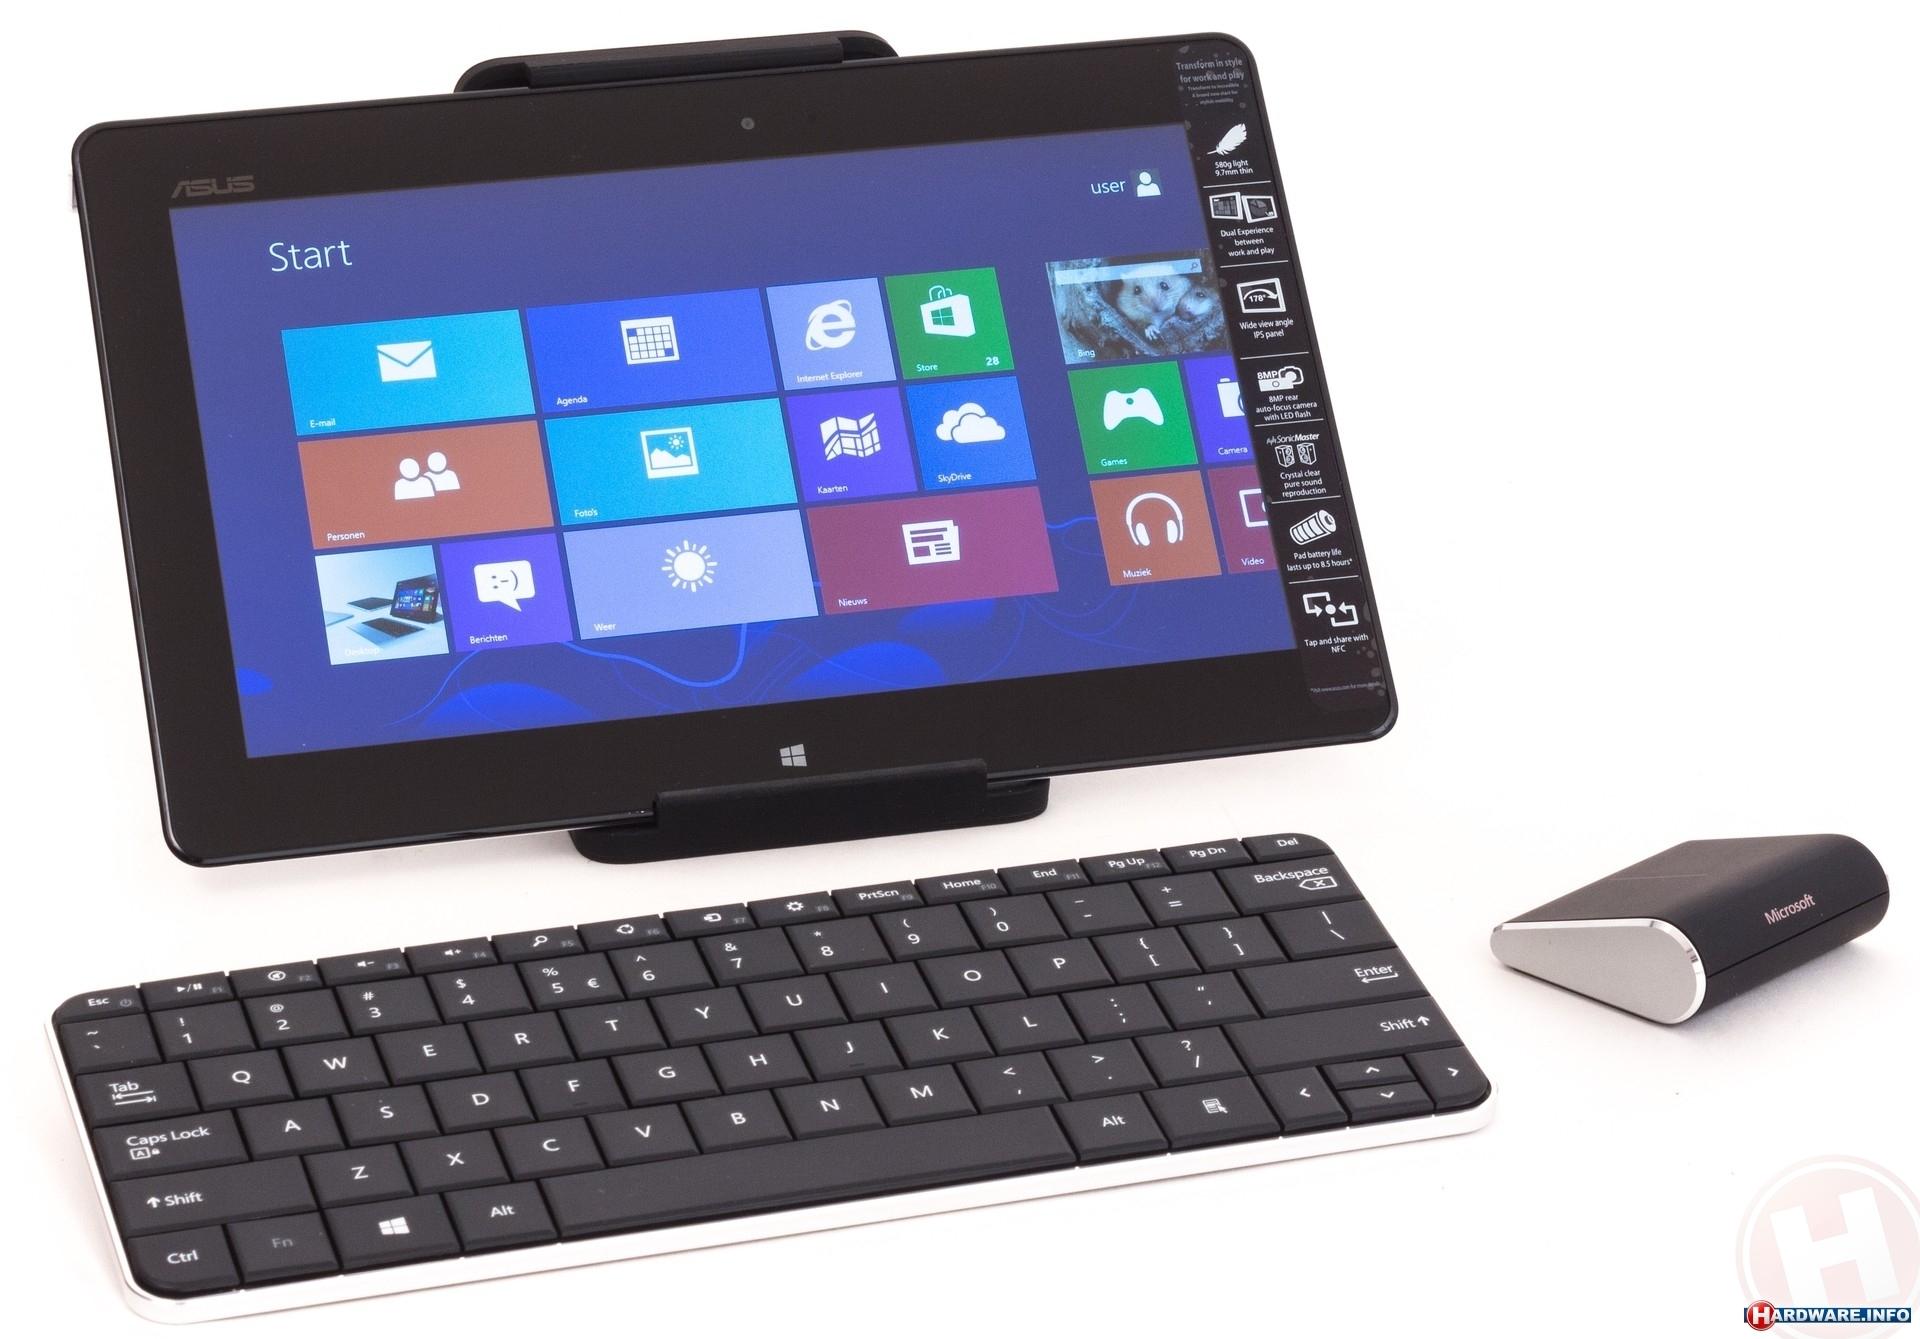 asus vivotab smart me400c tablet size52.2KB